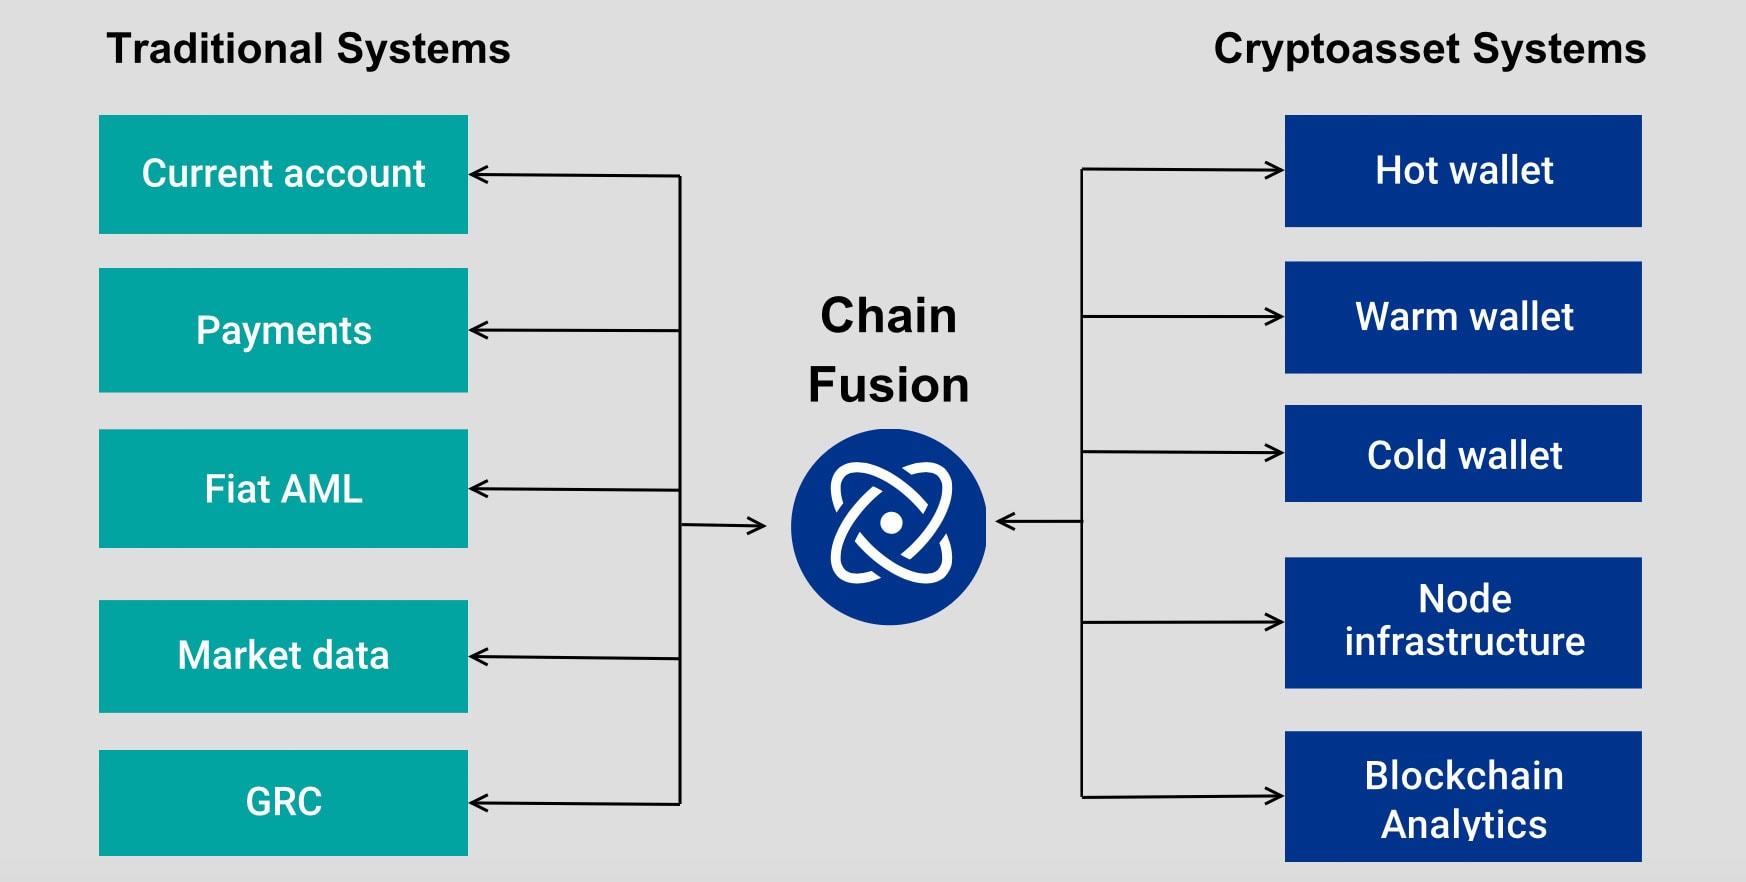 KPMG Chain Fusion als Schnittstelle zwischen Systemen